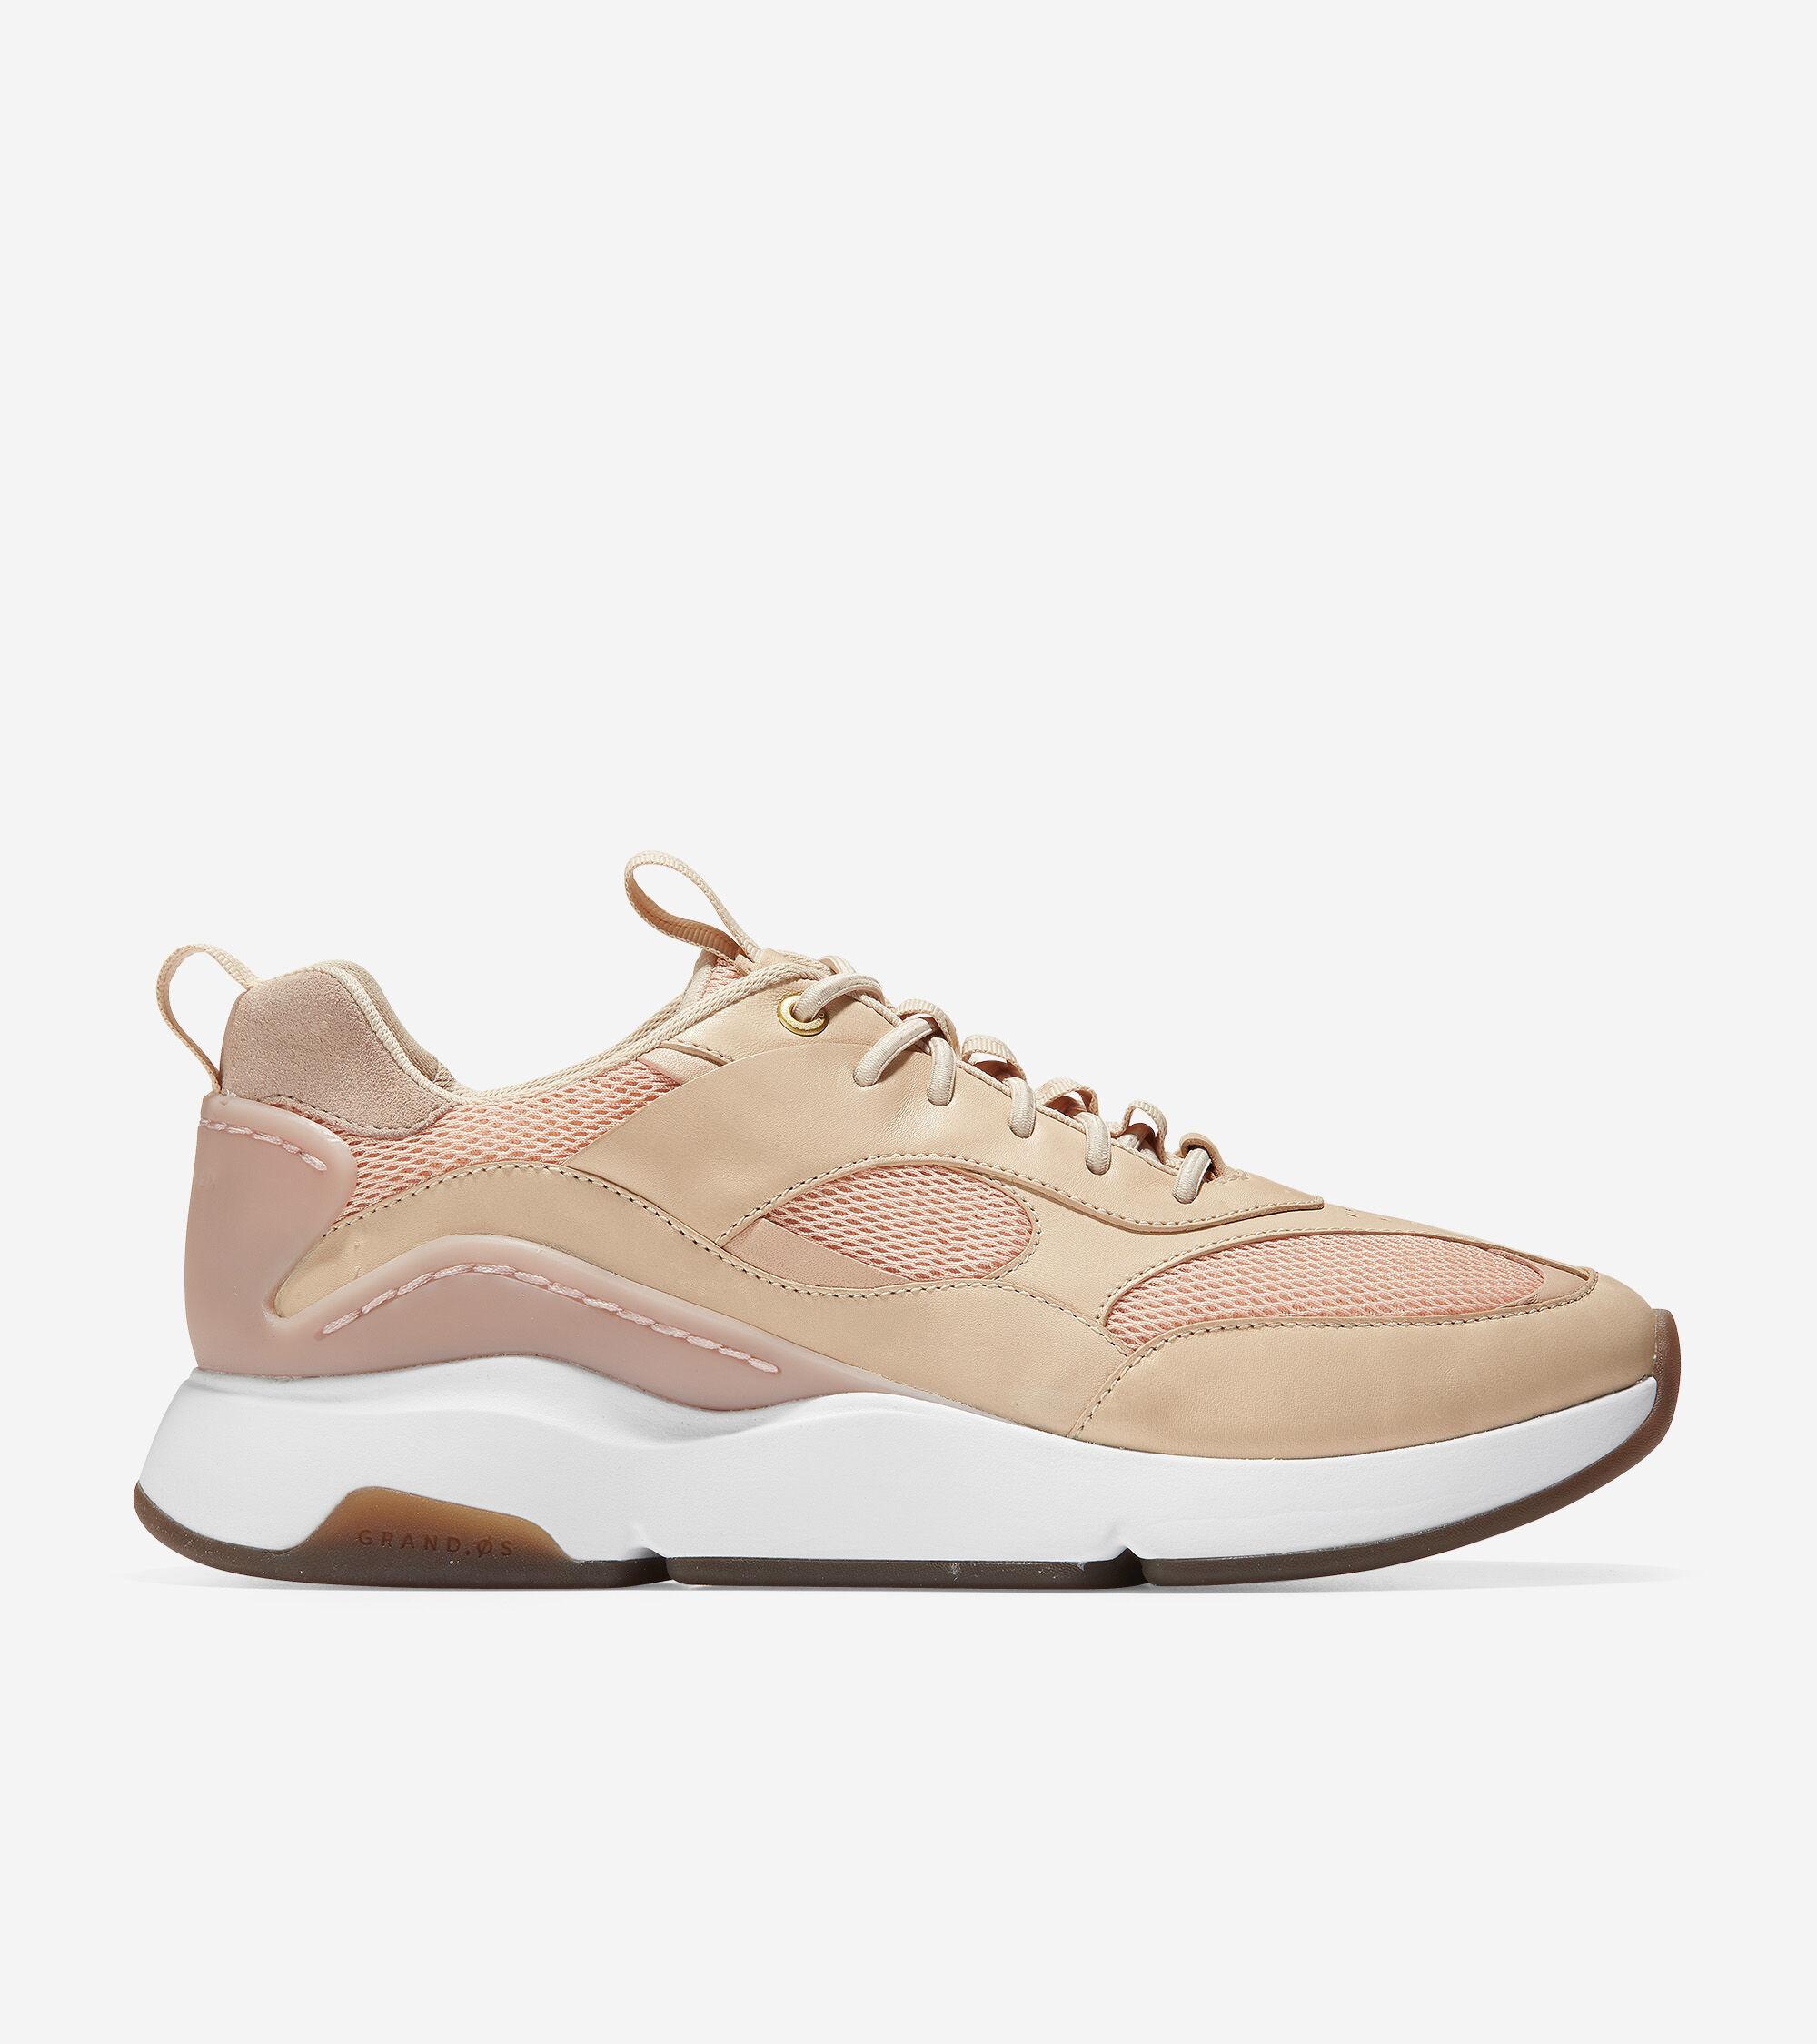 City Sneaker in Dusty Pink